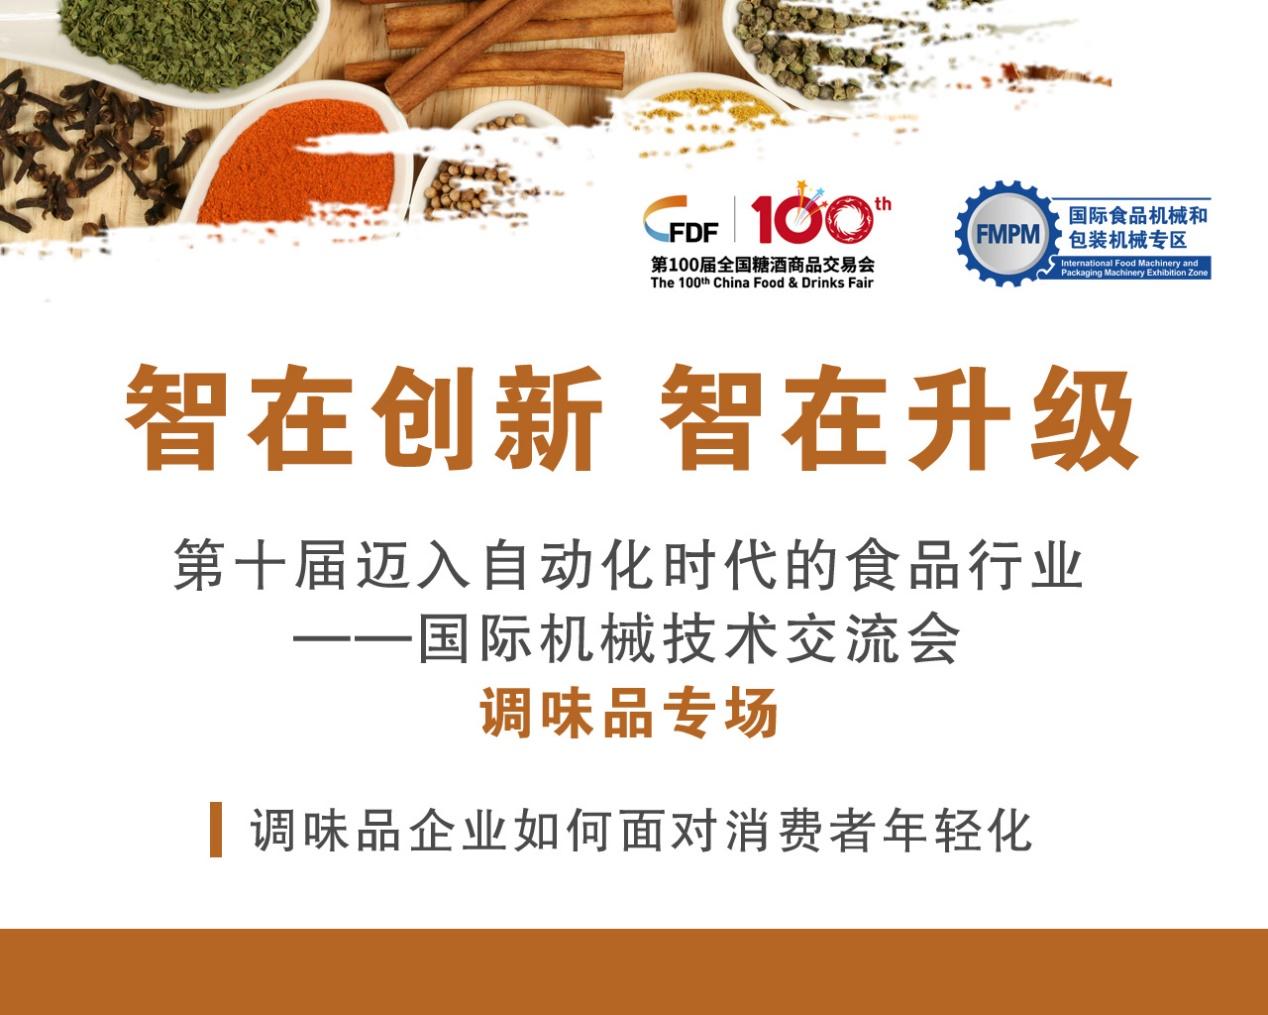 全国糖酒会国际机械专区助力食品产业升级